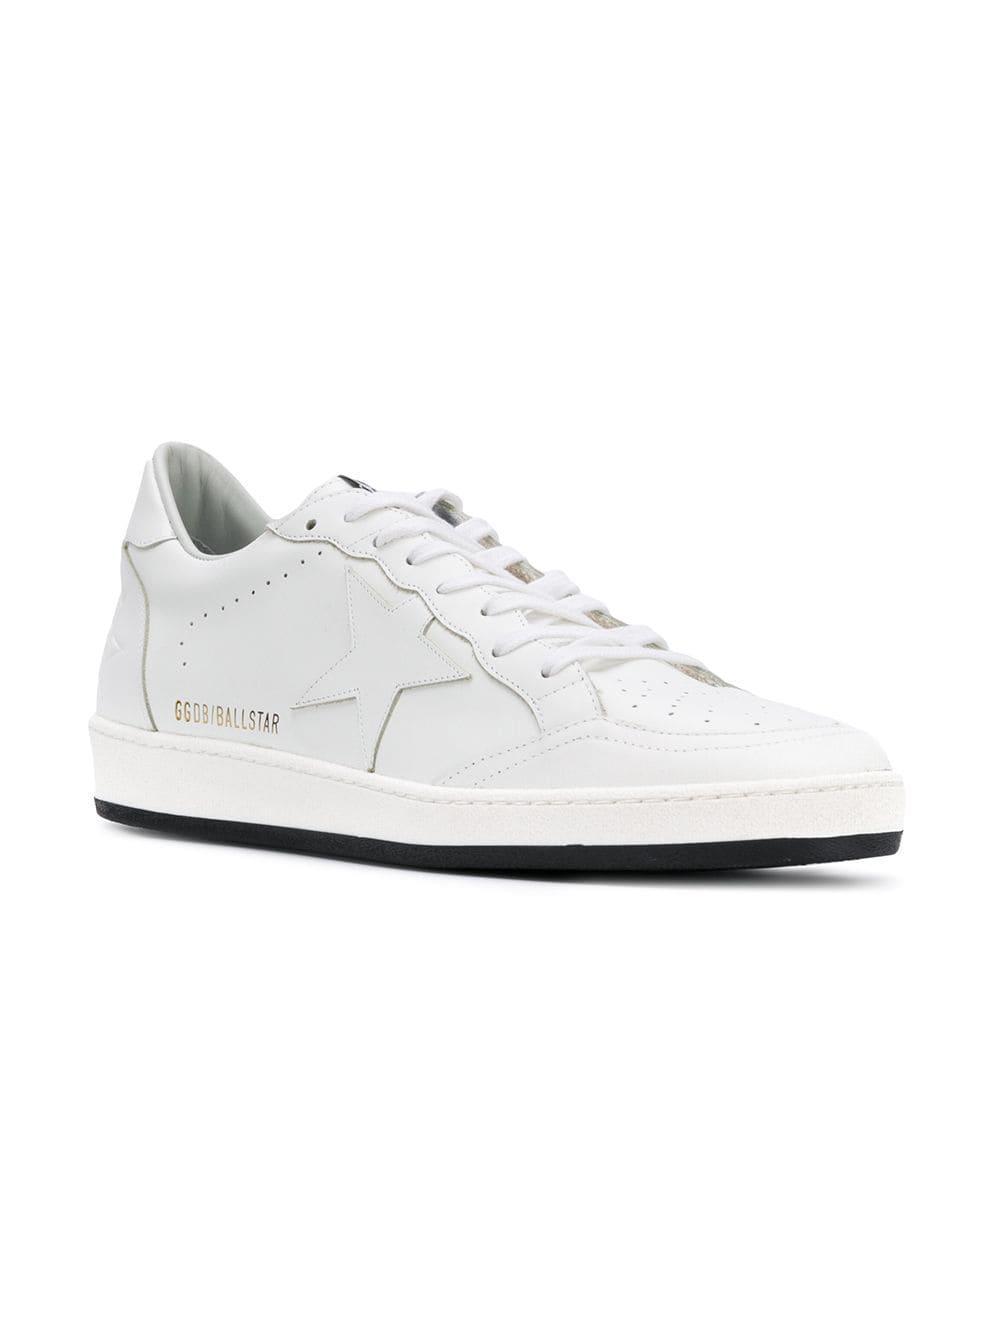 380cd42e6149e Golden Goose Deluxe Brand Ballstar Sneakers in White for Men - Lyst